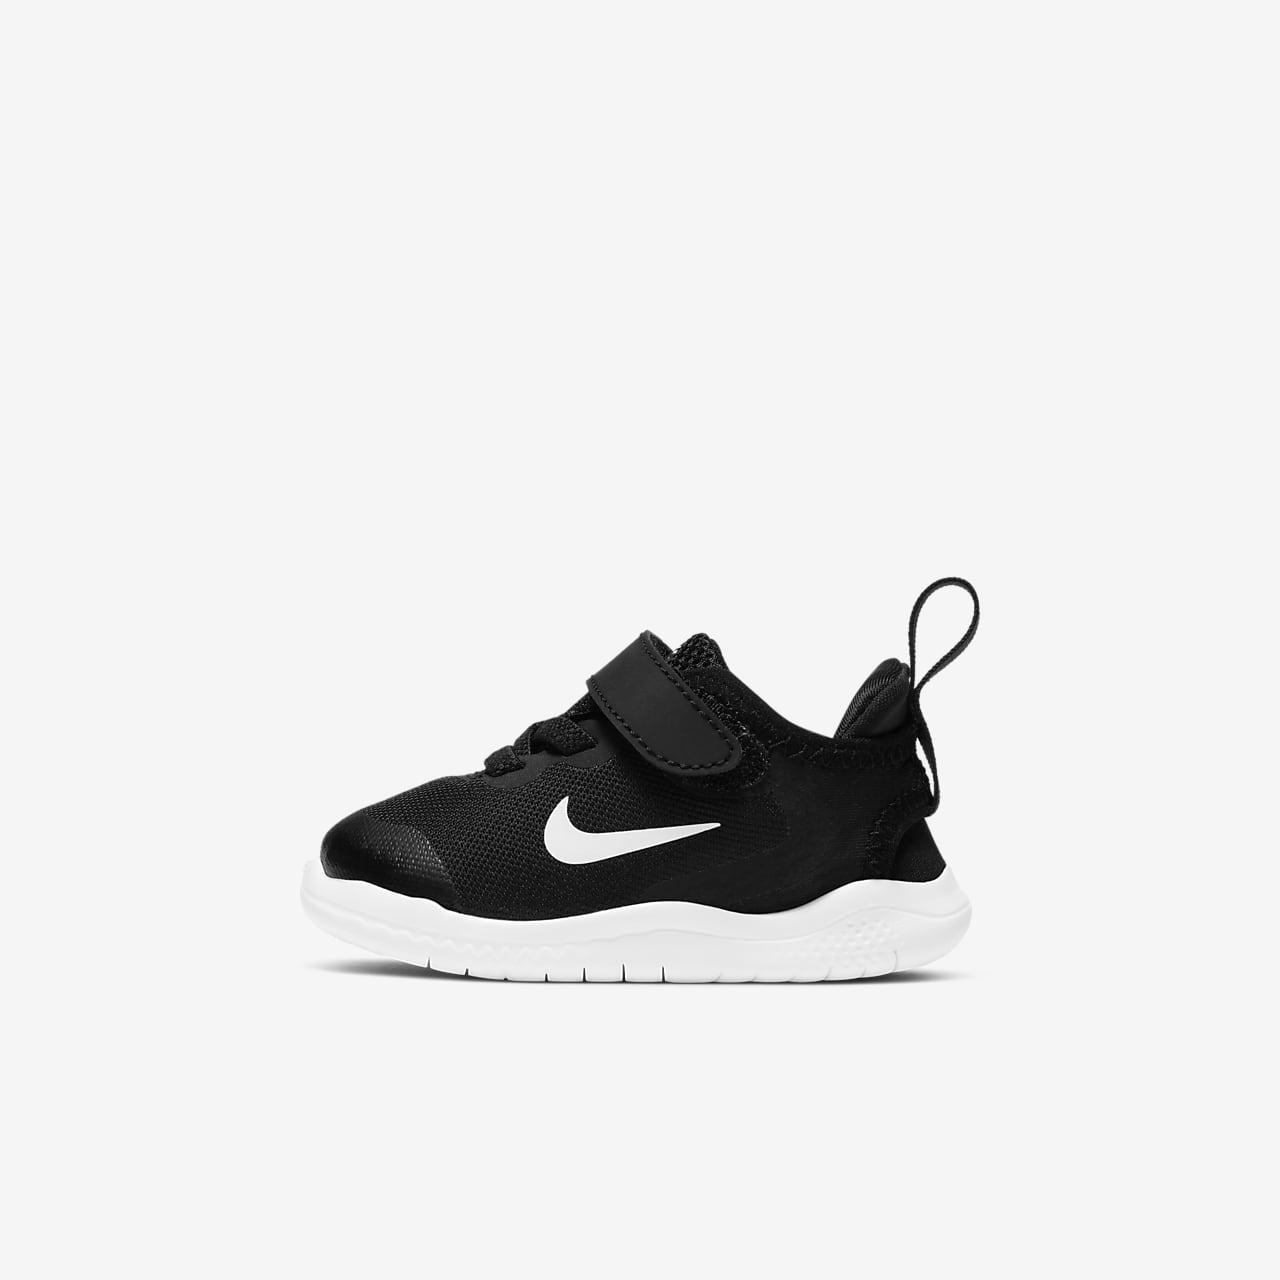 f975c83f057 Calzado para bebé e infantil Nike Free RN 2018. Nike.com MX